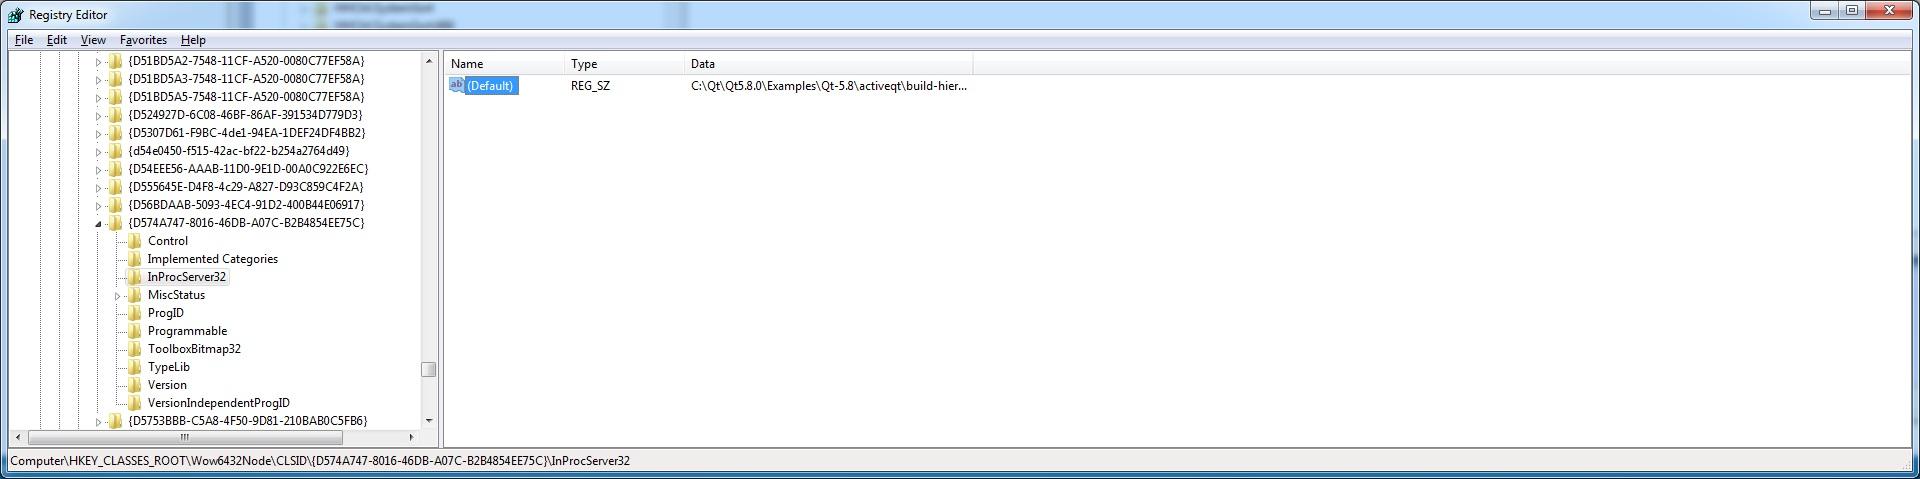 0_1521208971405_hierarchyax4.jpg